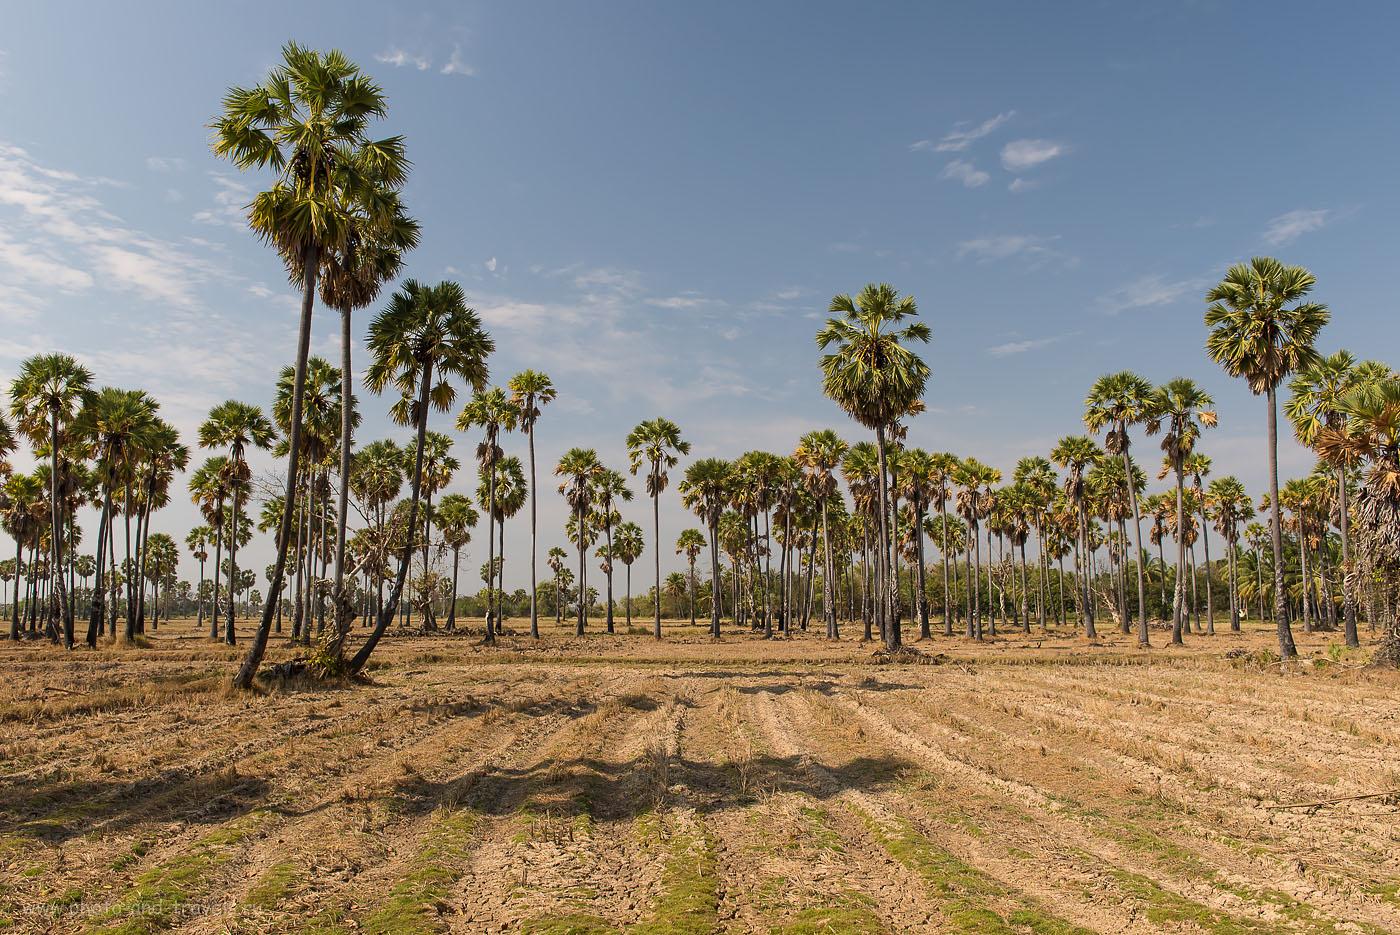 Фото 1. Пальмовые рощи в окрестностях деревни Na Yang, где расположена статуя Великого Ушастика. Поездка на машине по достопримечательностям в окрестностях города Хуахин в Таиланде. ISO 160, ФР=27, F/9.0, В=1/200